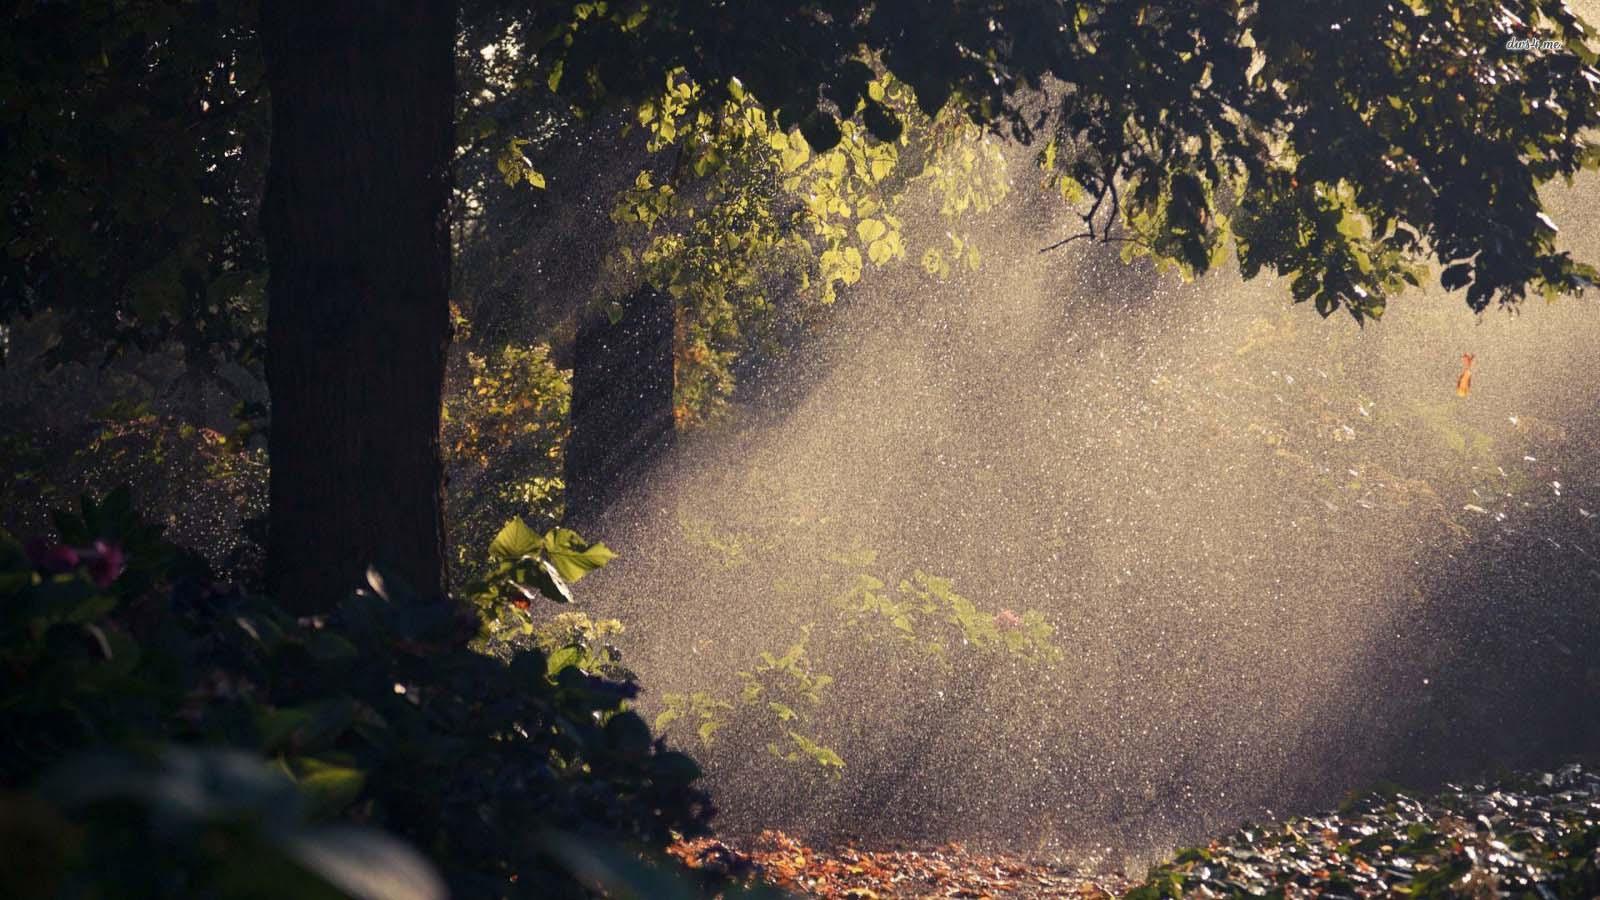 Hình ảnh mưa mùa hè